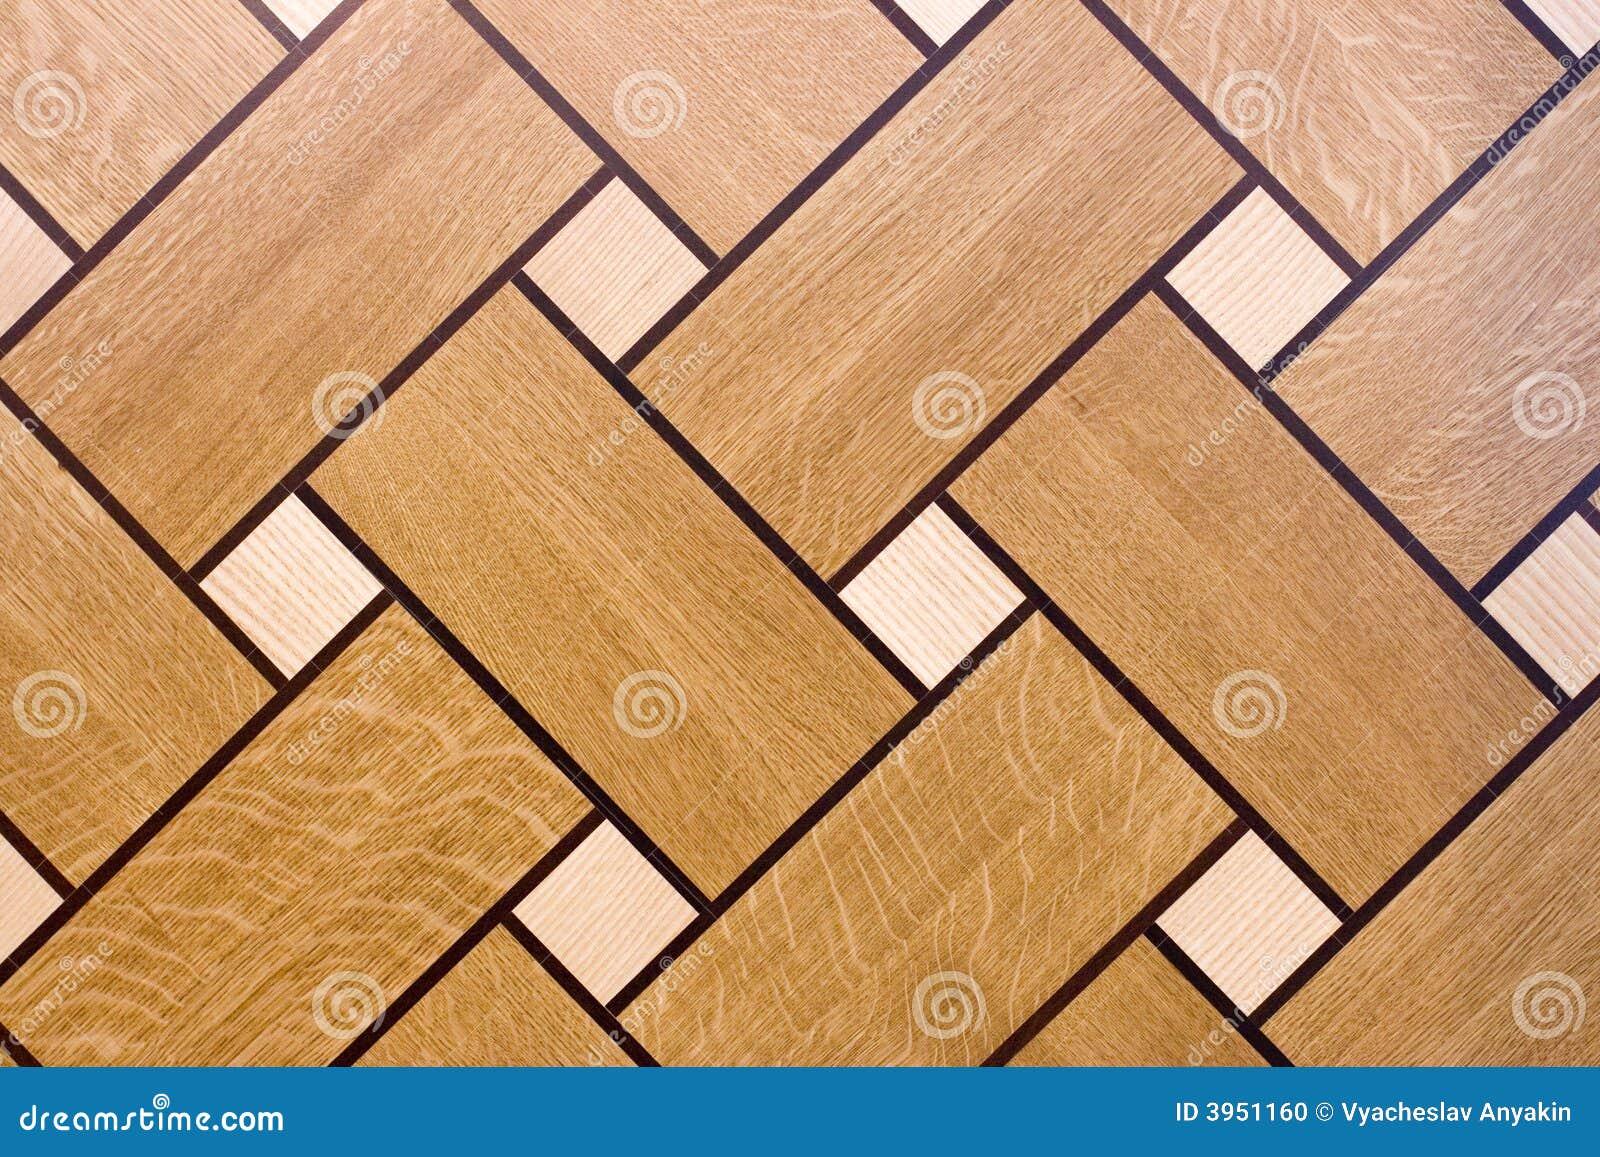 Textura del suelo de madera foto de archivo imagen 3951160 - Suelo de madera ...